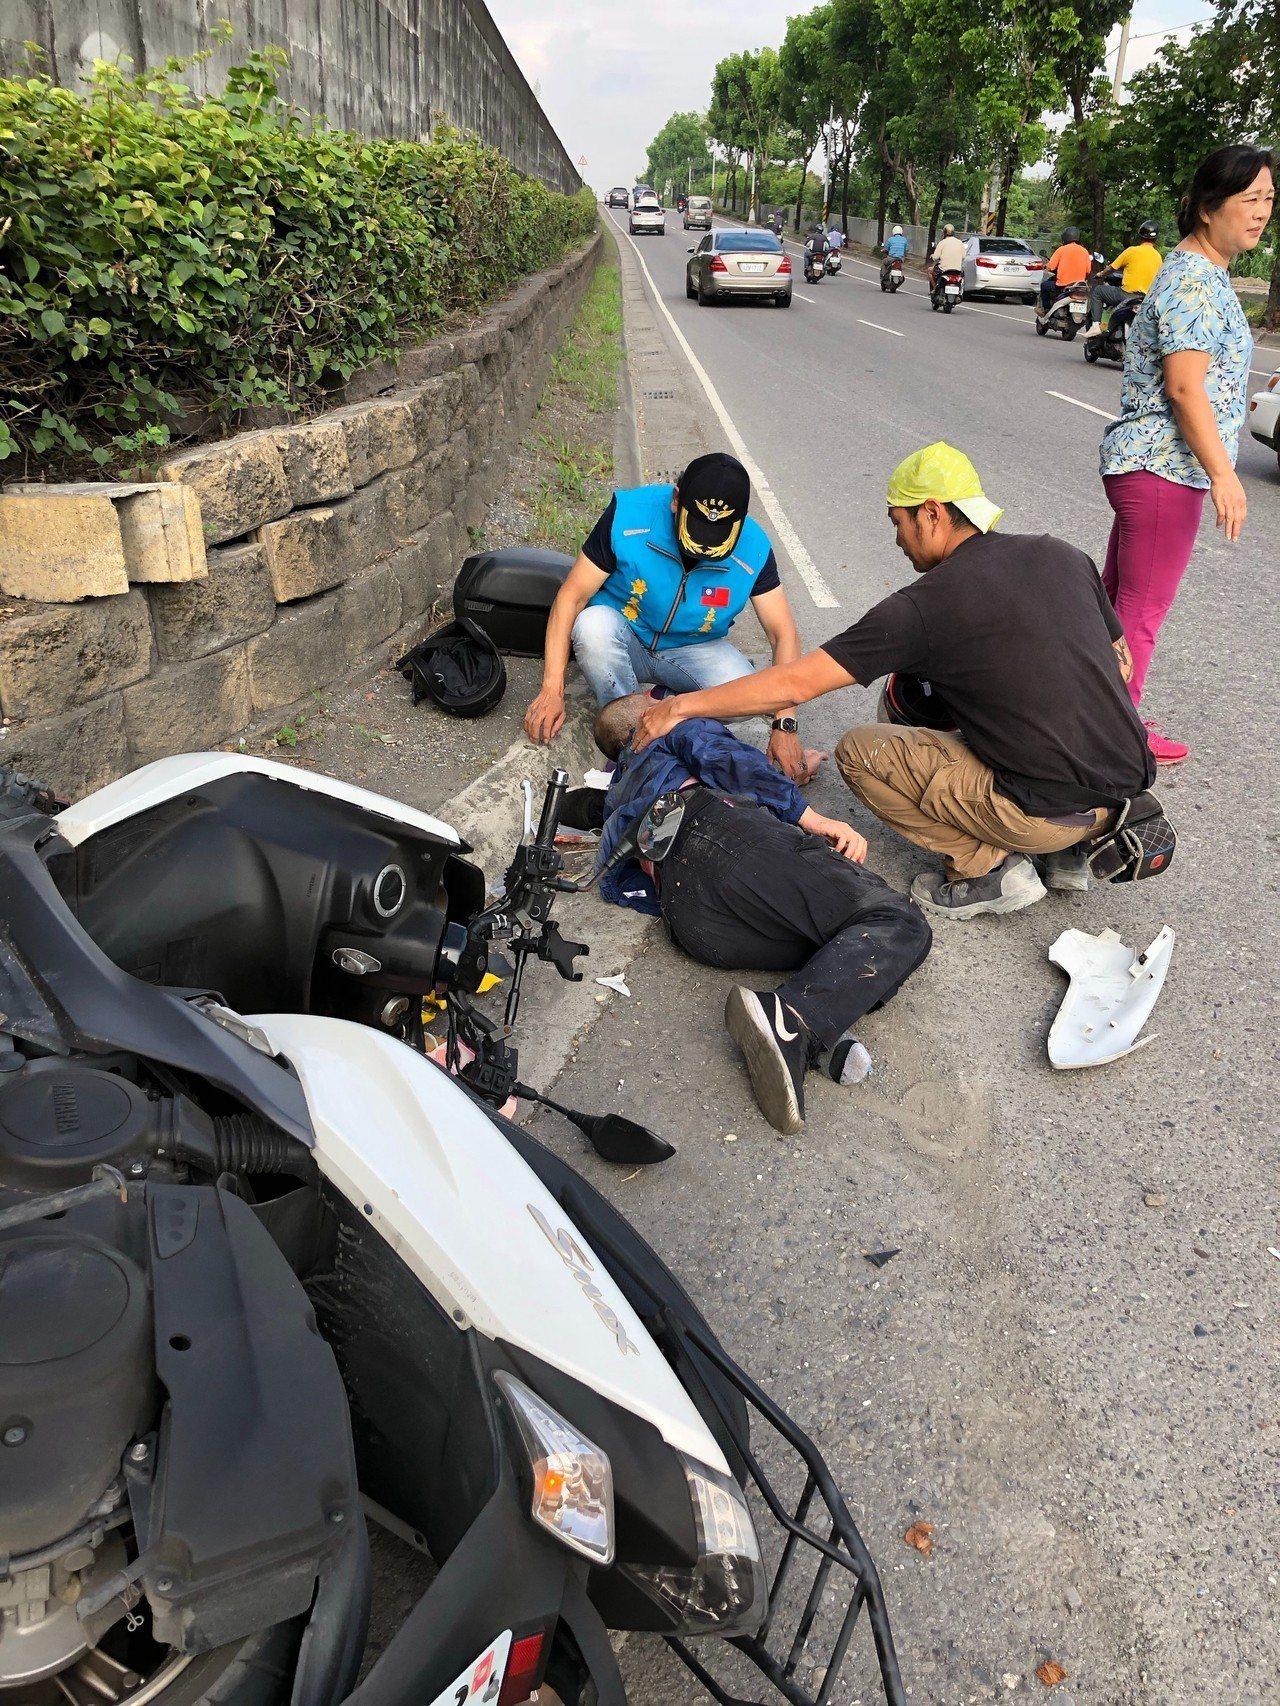 今天上午7點多,屏東縣建國路與環河路口,發生機車對撞車禍,民眾熱心協助照顧傷患。...